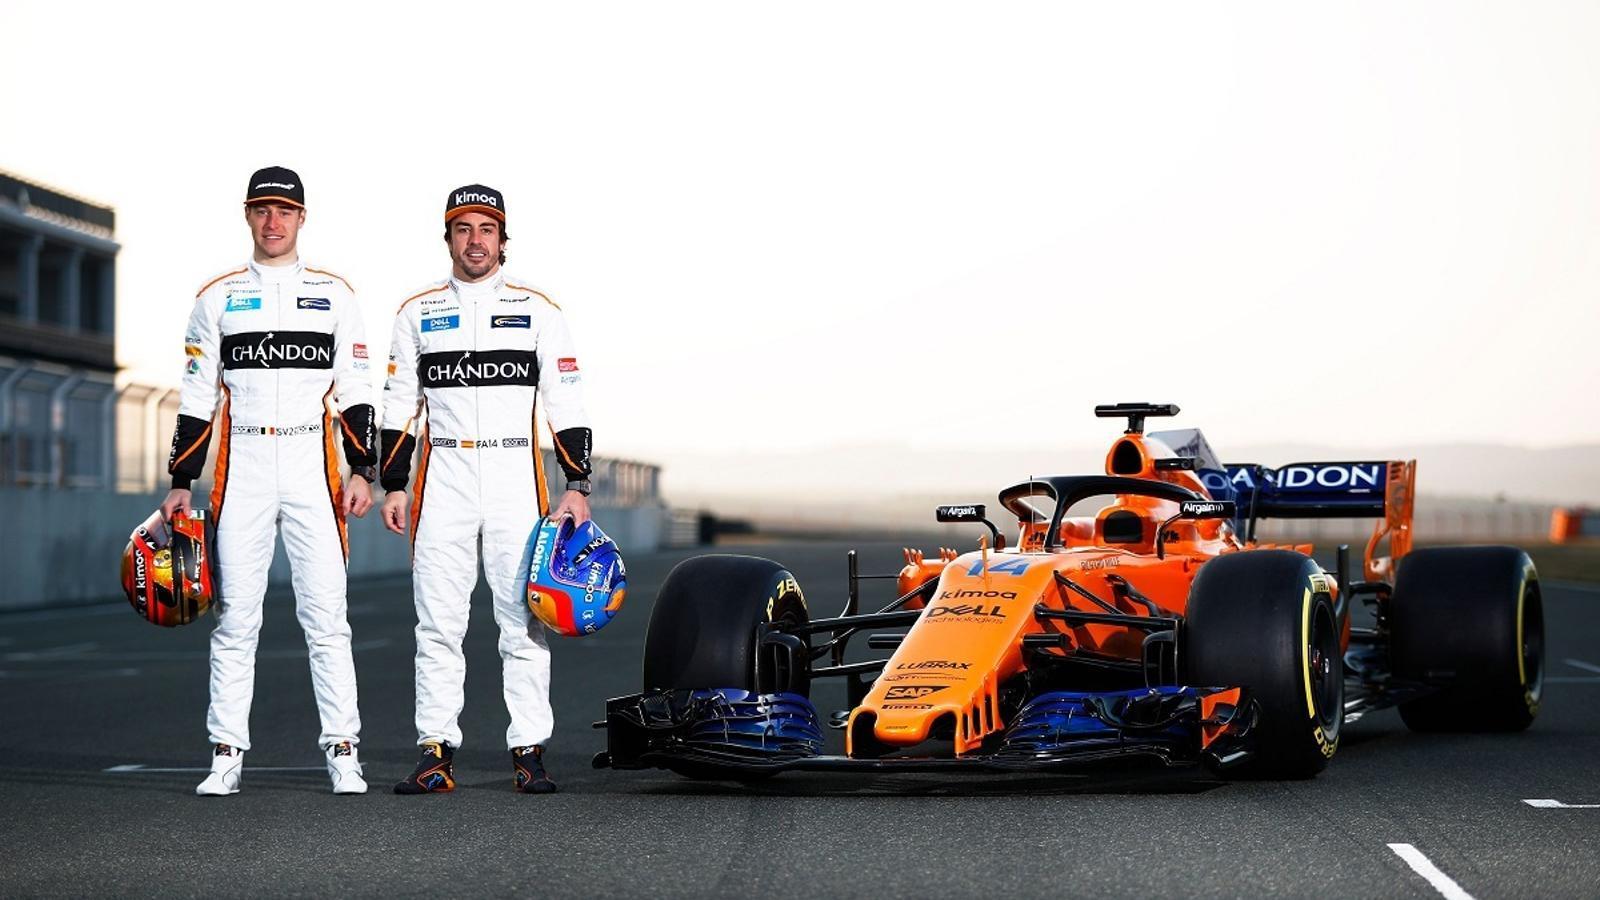 Presentació del McLaren amb el que Alonso i Vandoorne competiran aquest 2018